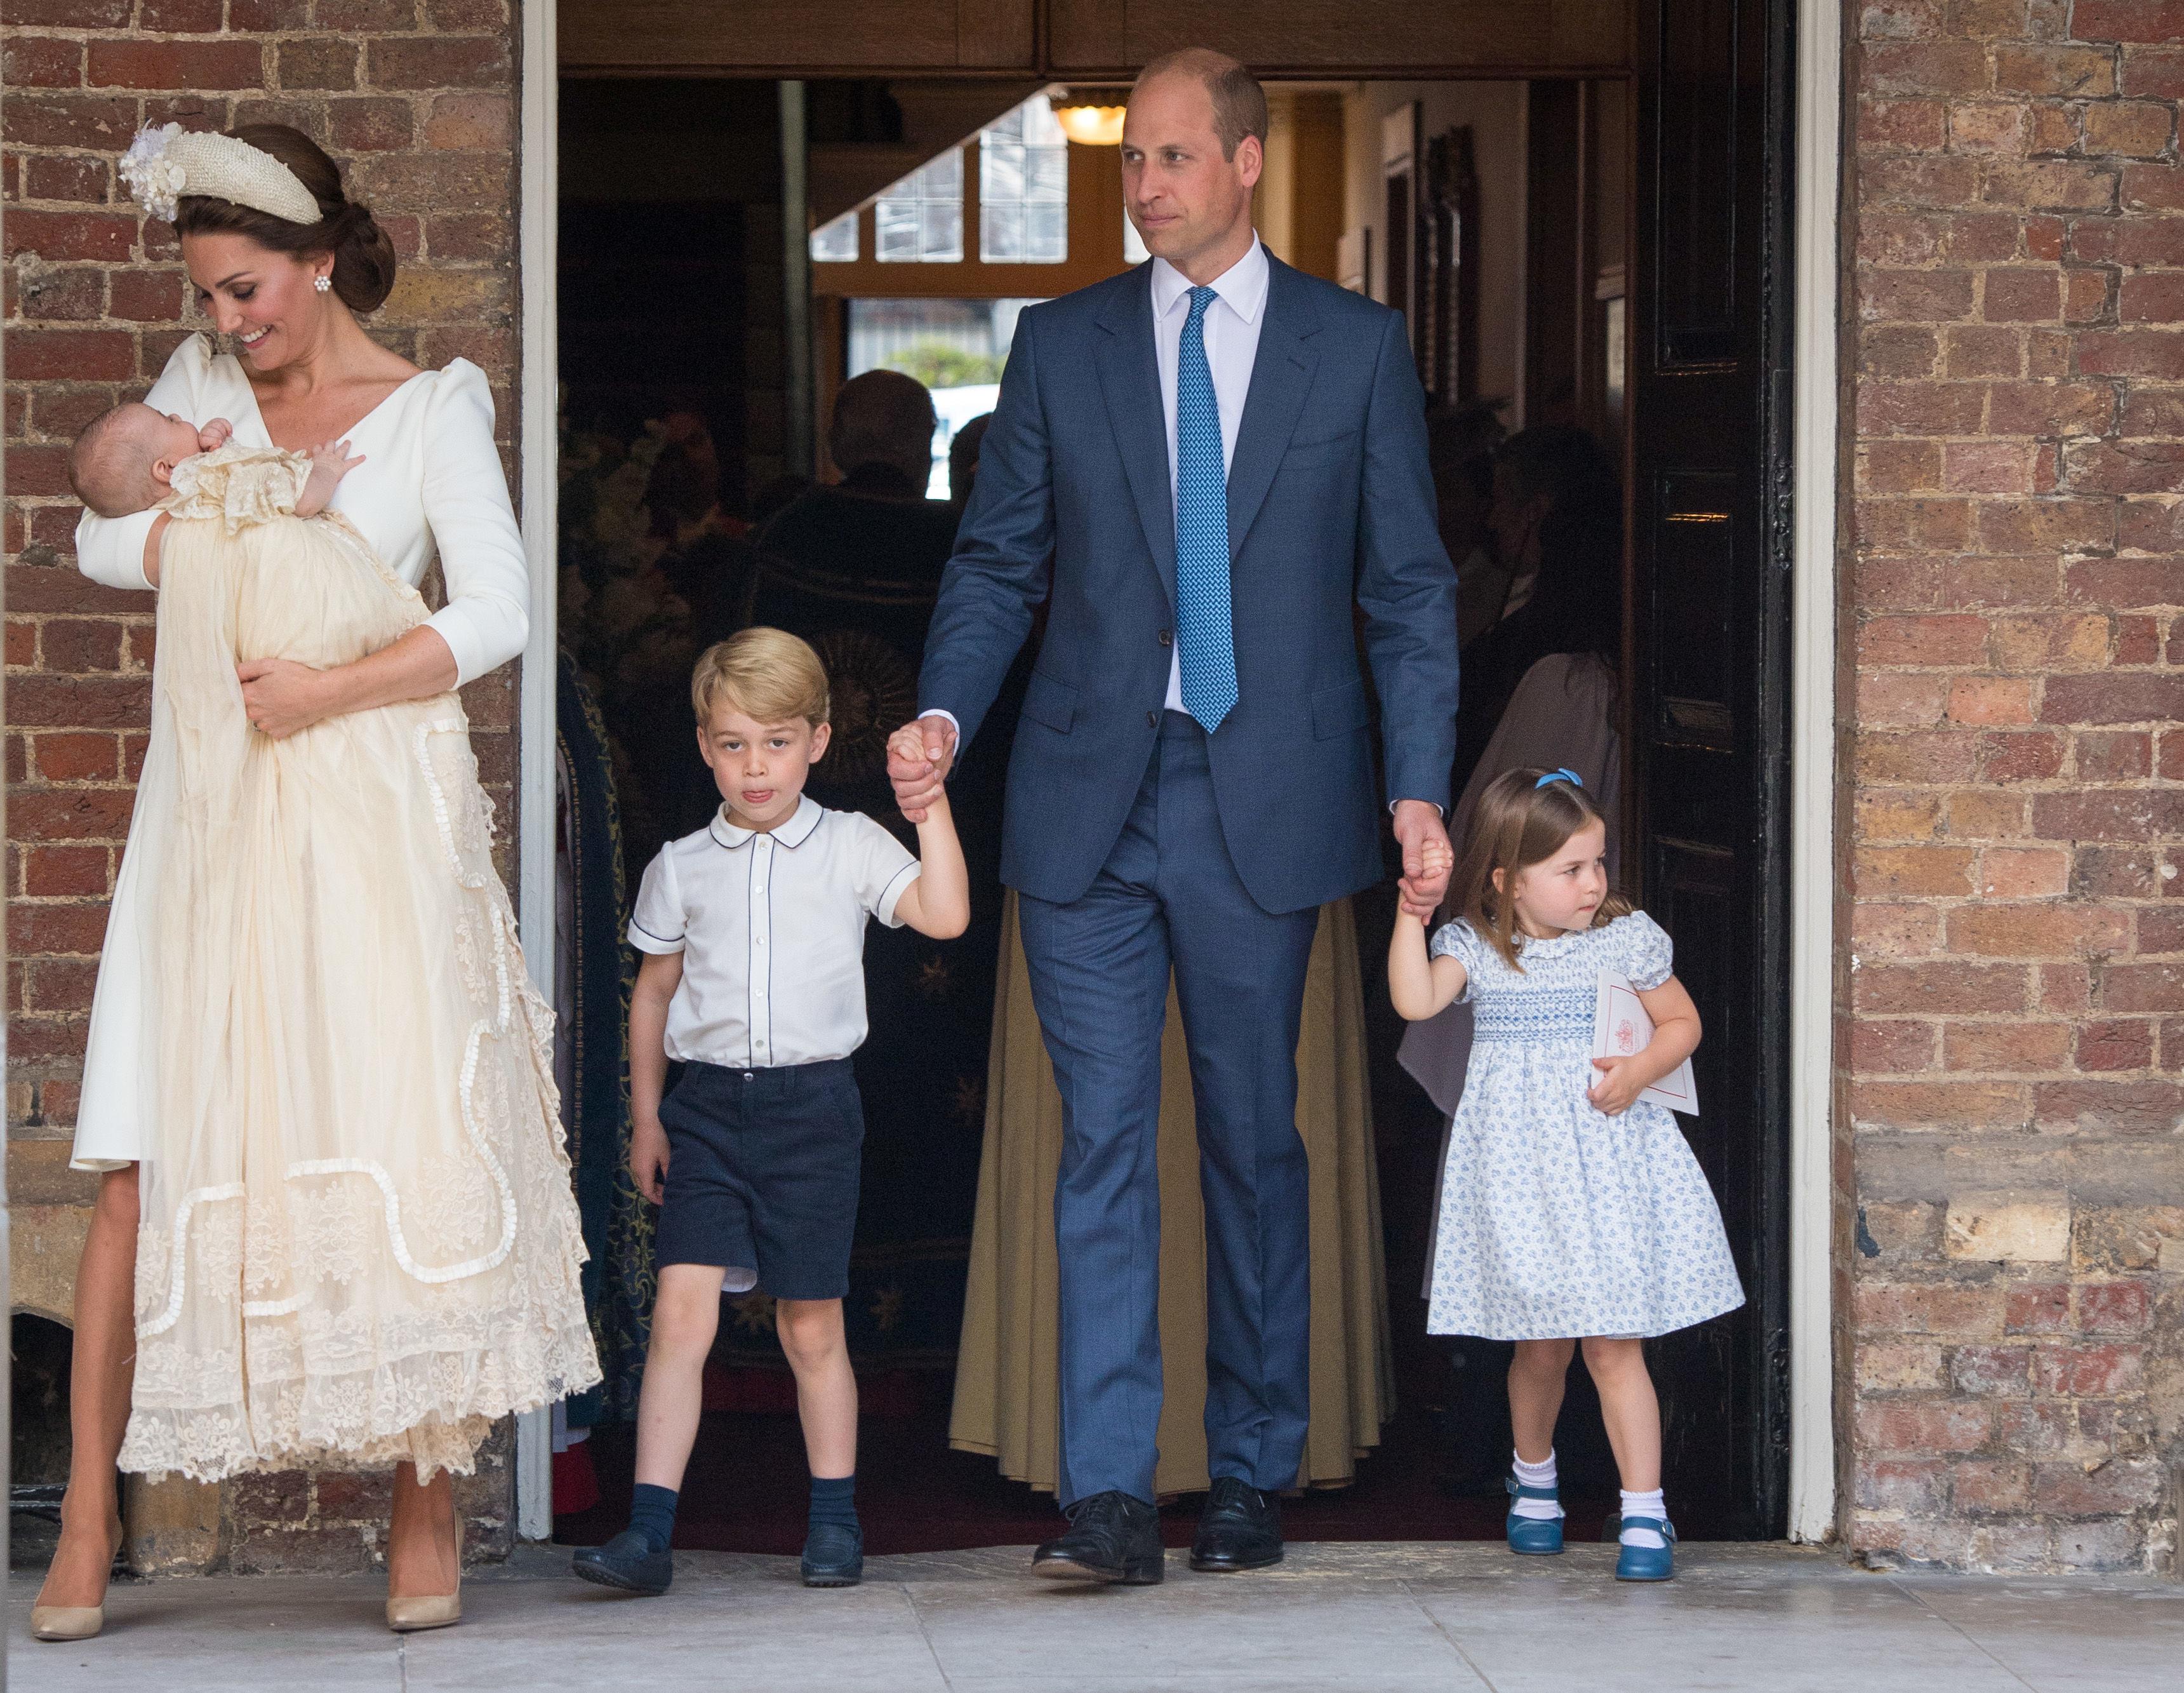 루이스 왕자의 세례식을 마치고 교회를 나오는 공작 가족.